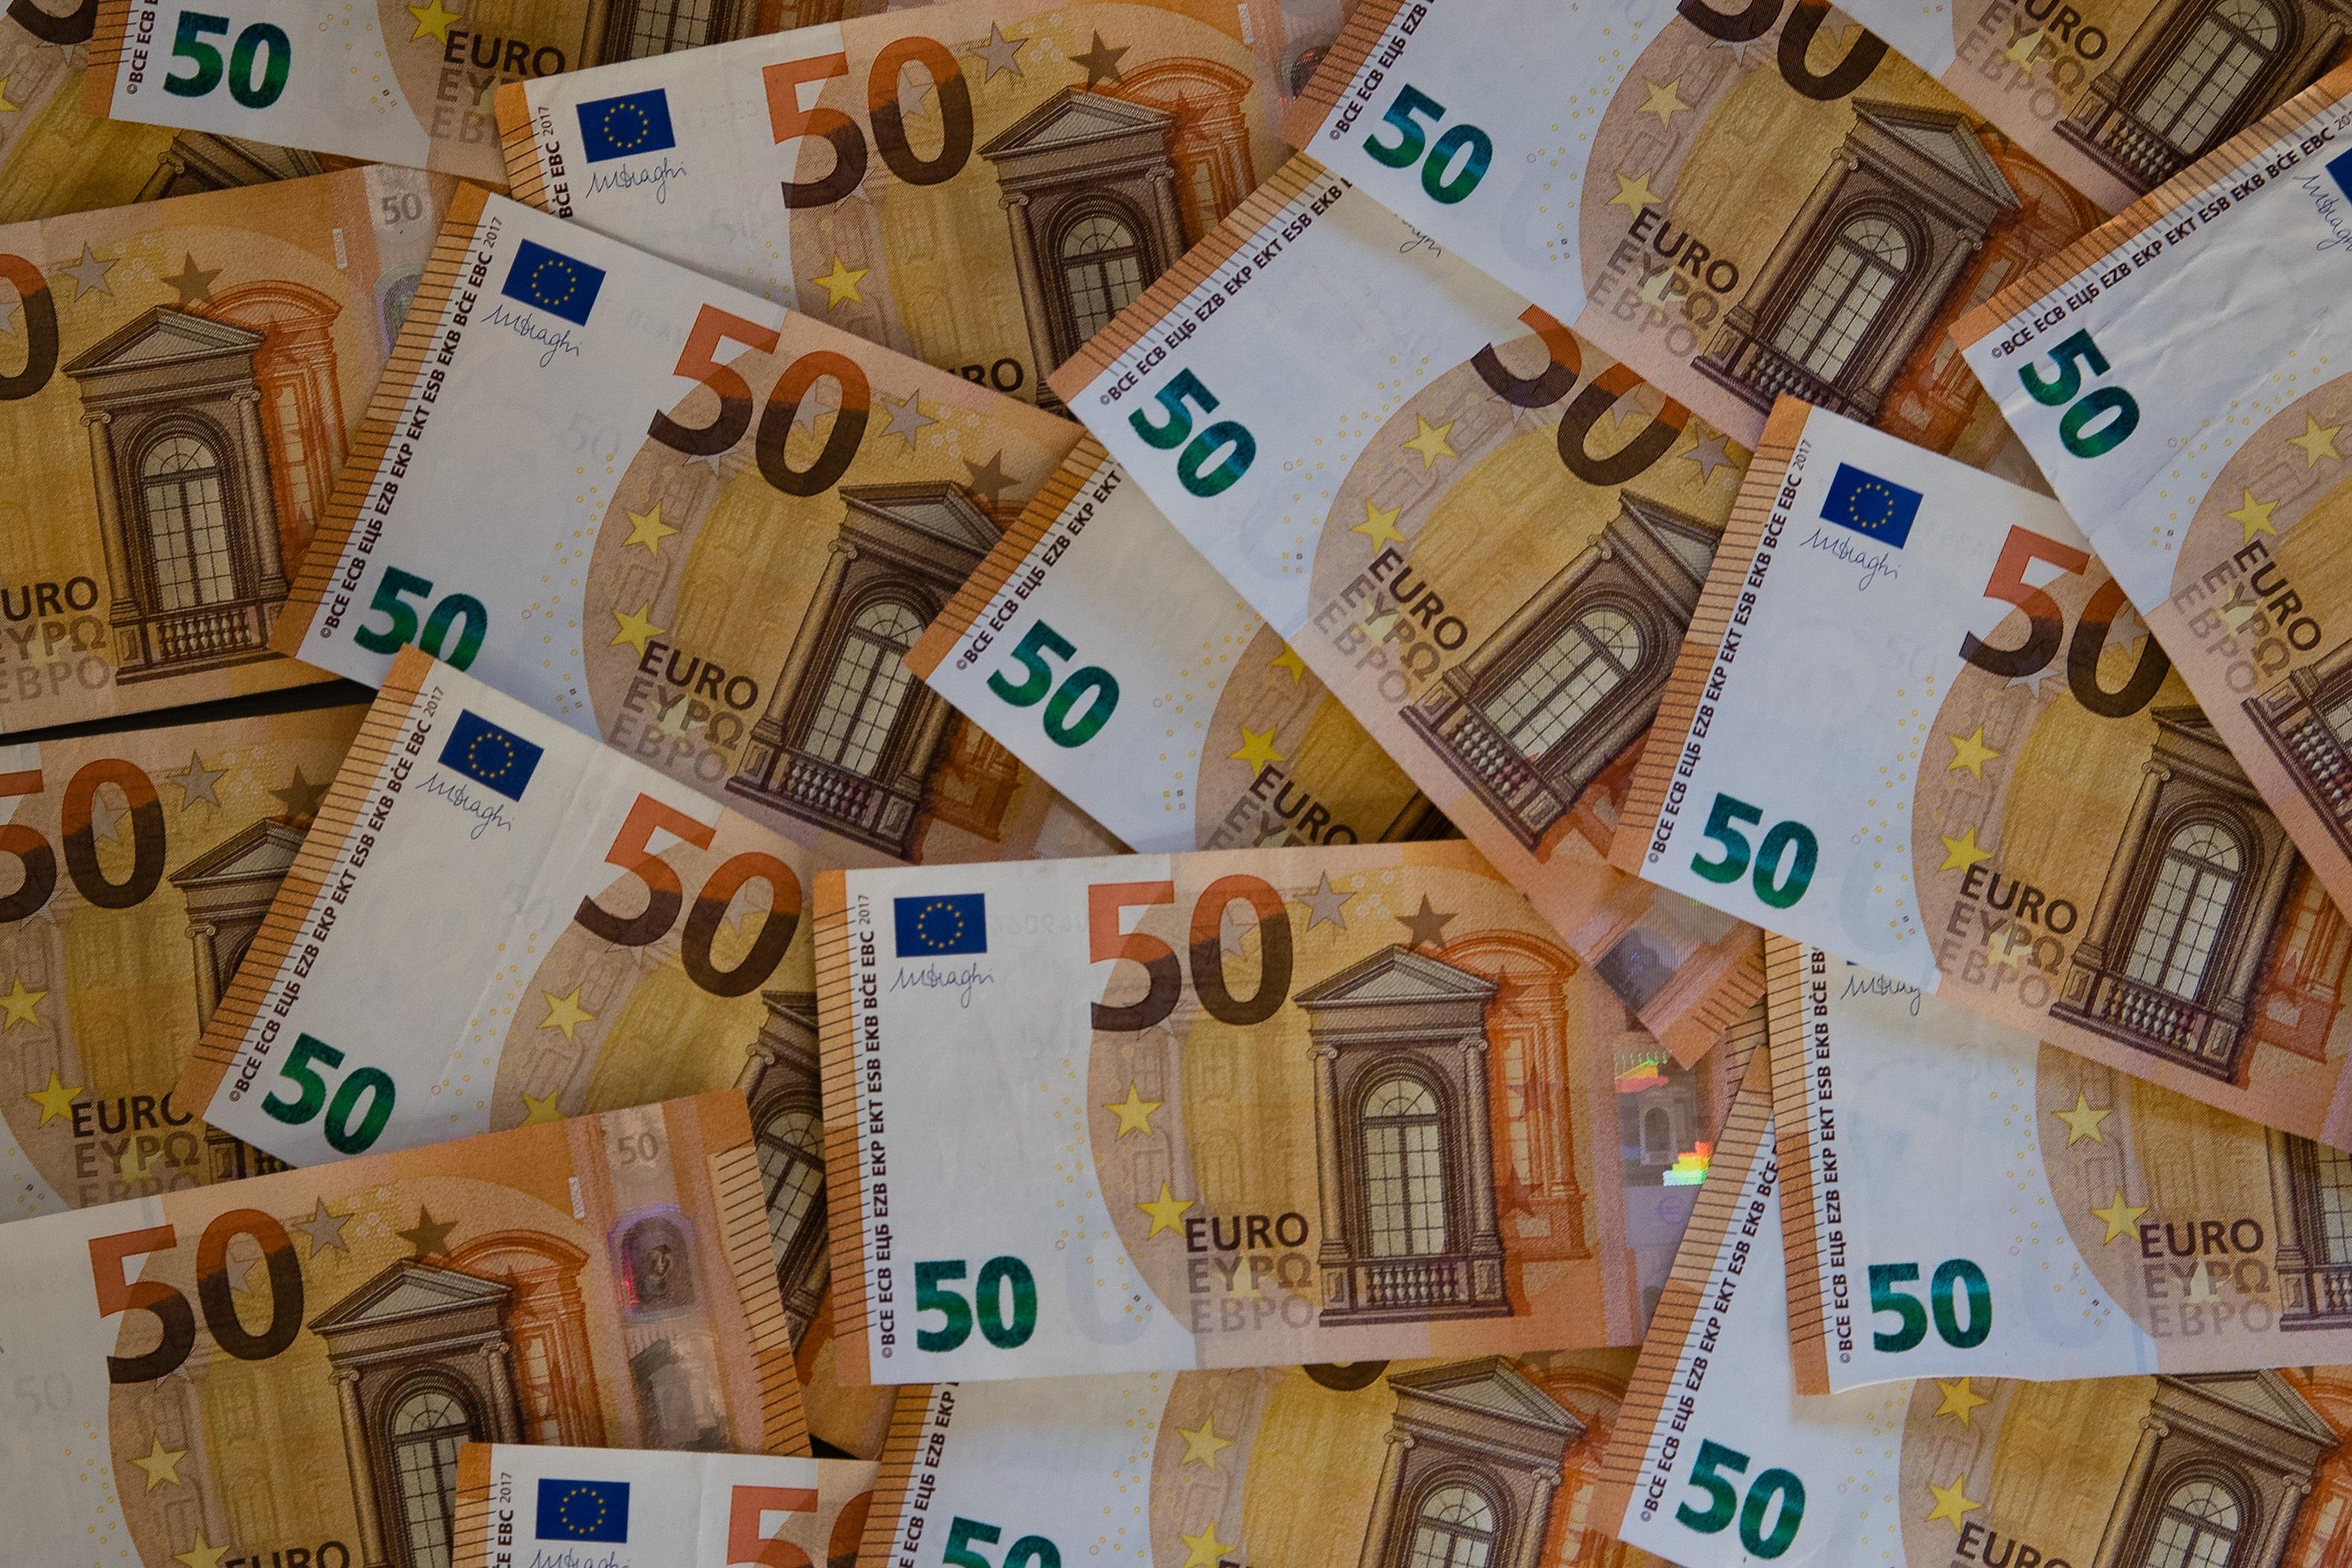 Contas externas do Brasil registam défice de 10,8 mil milhões de euros em janeiro